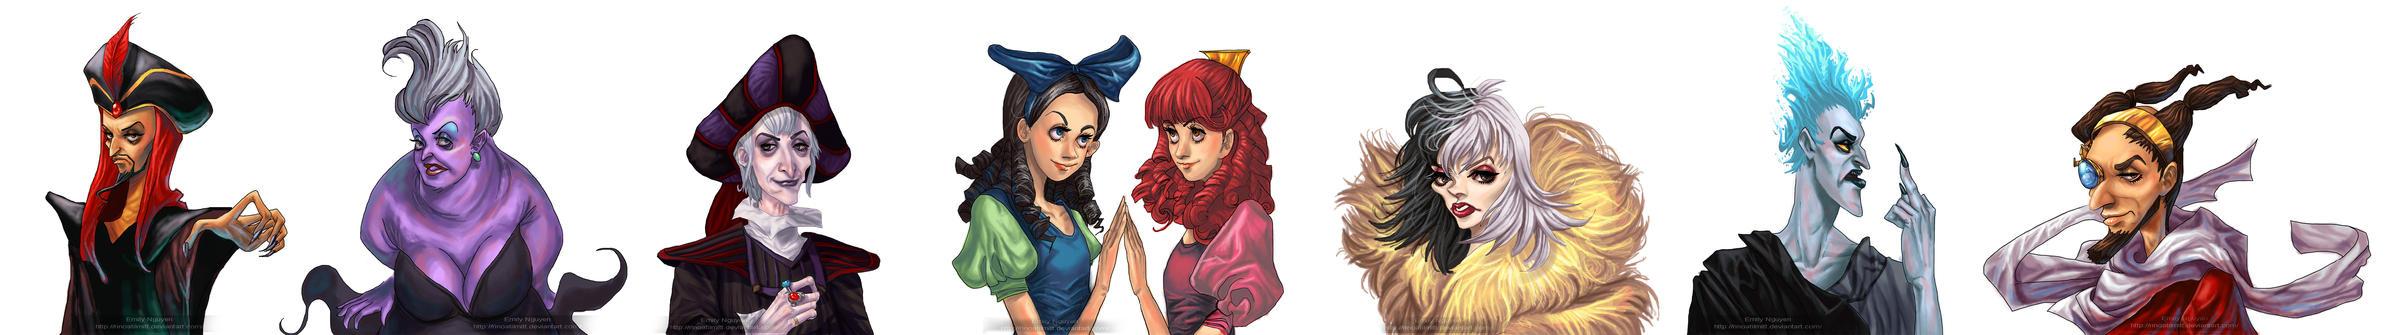 Disney Villain 1 pager by emilynguyenart